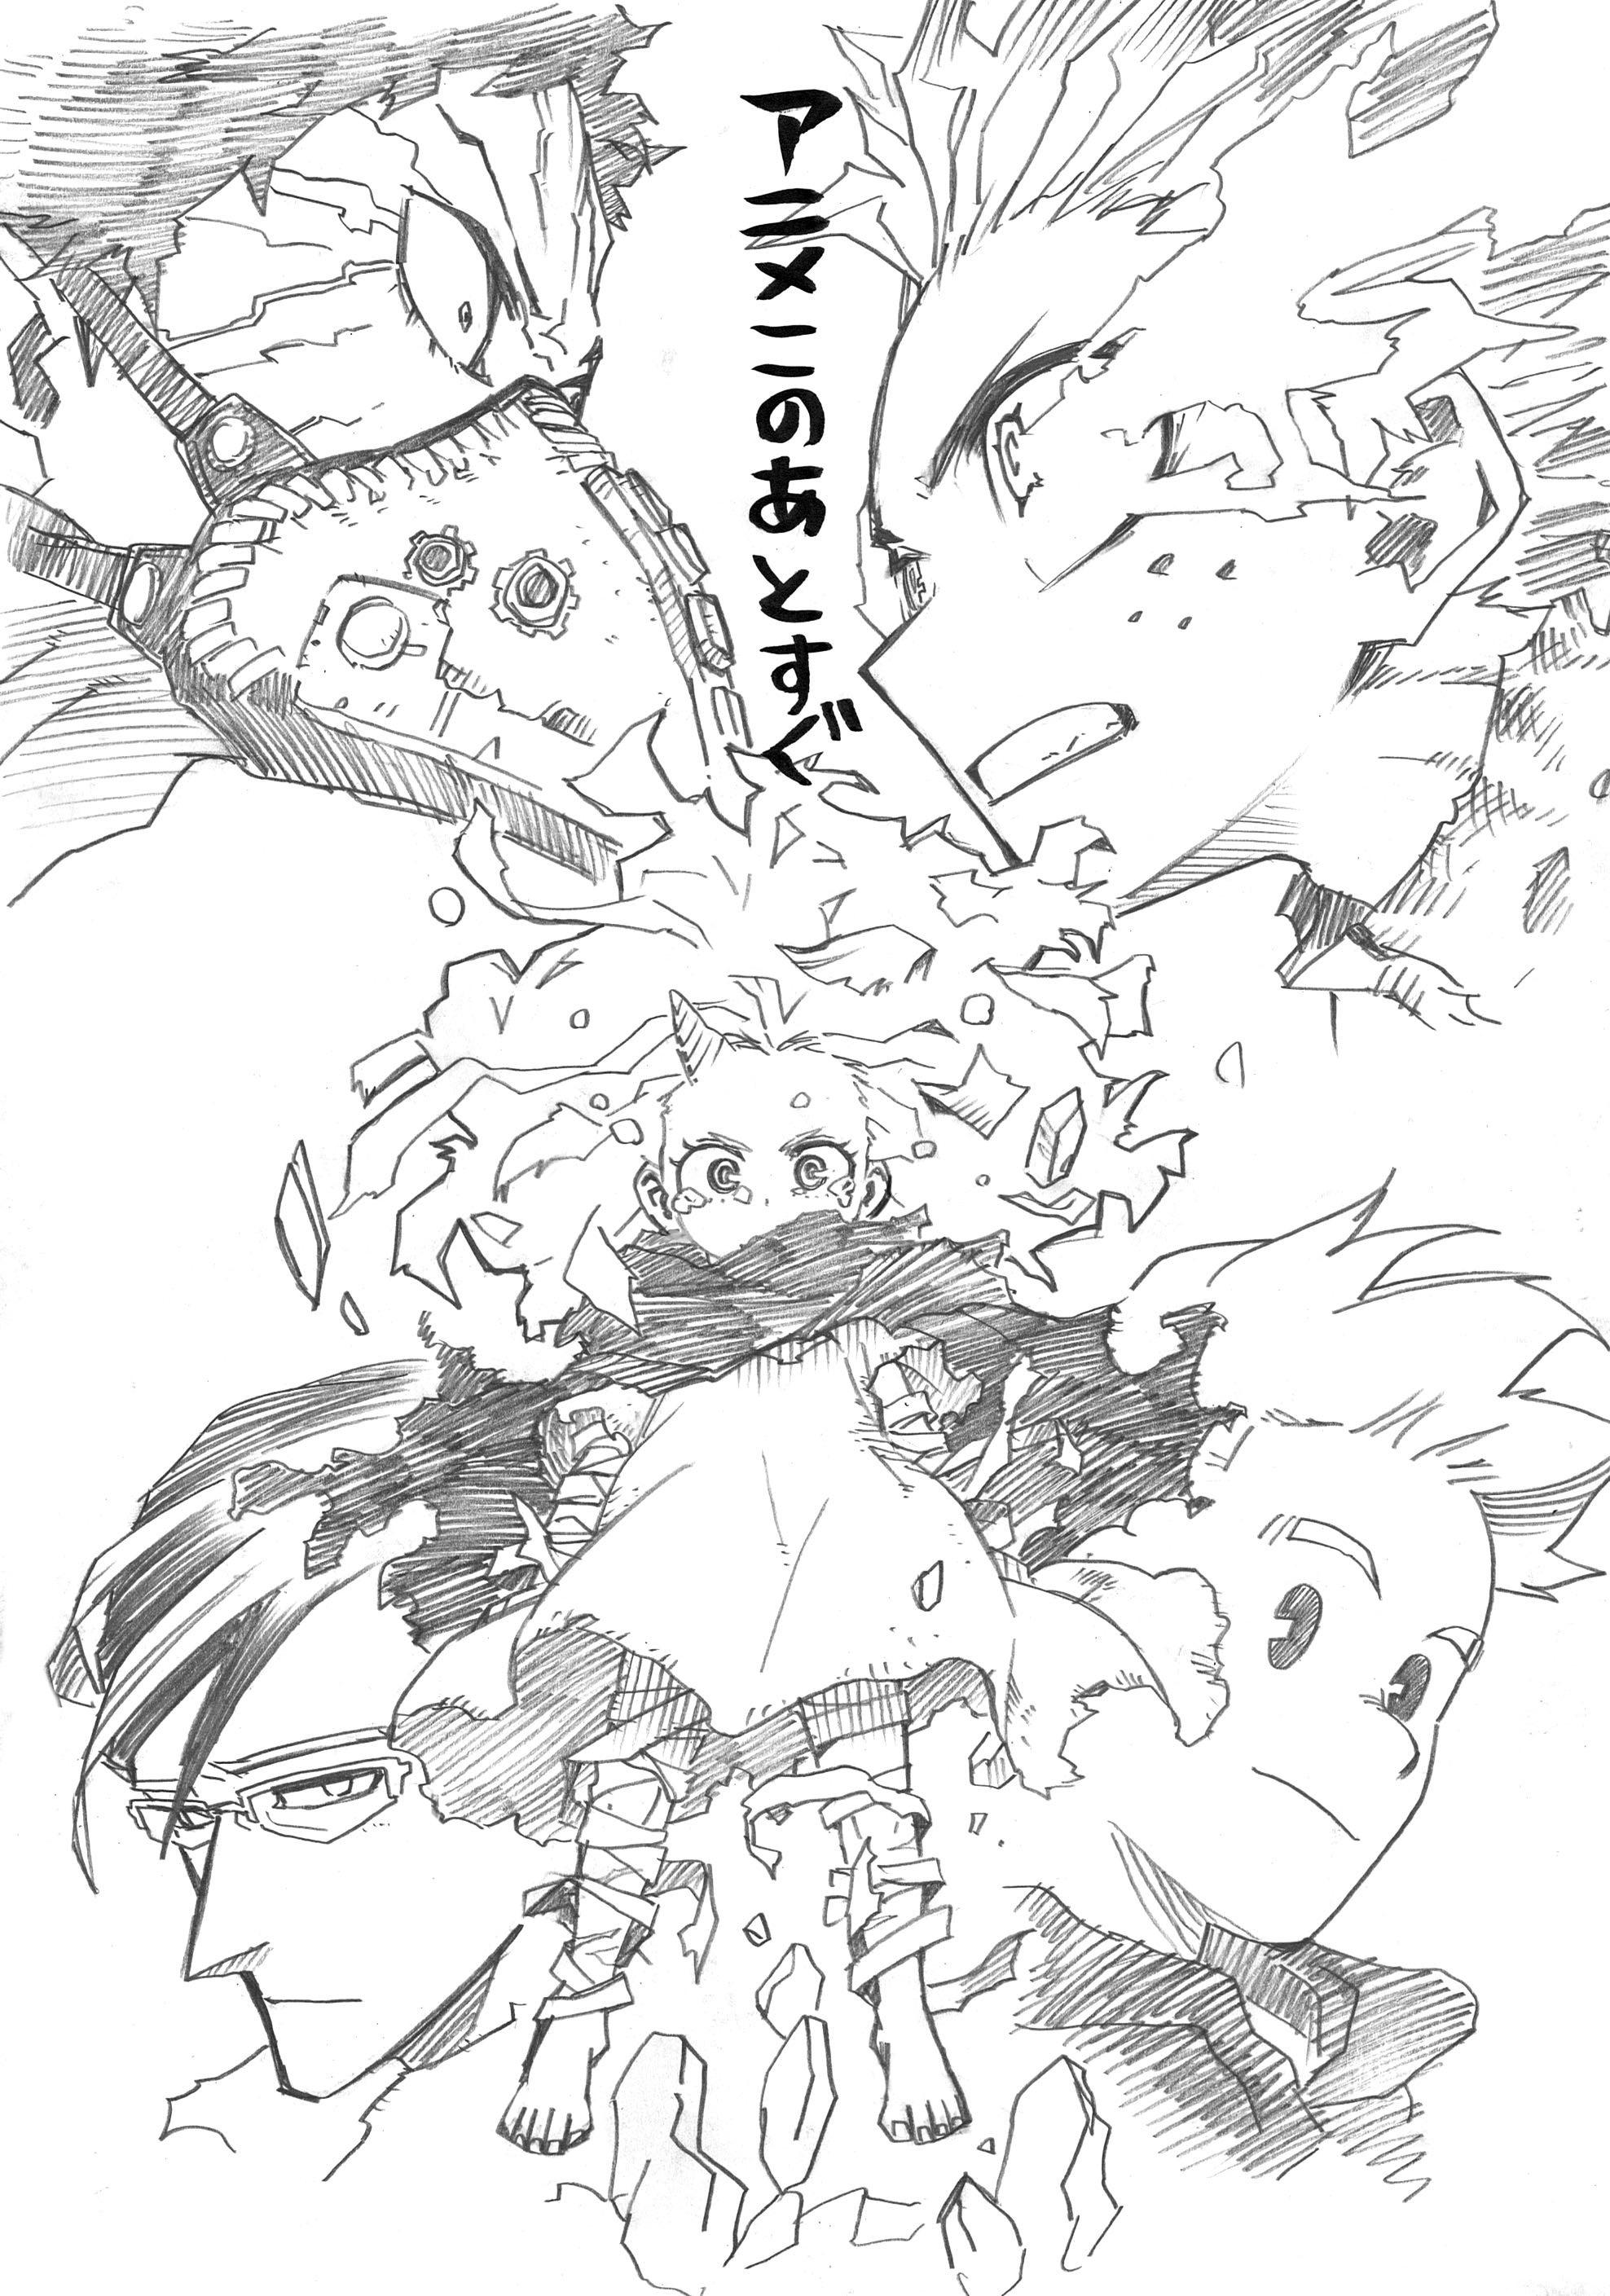 Episode 76 Sketch